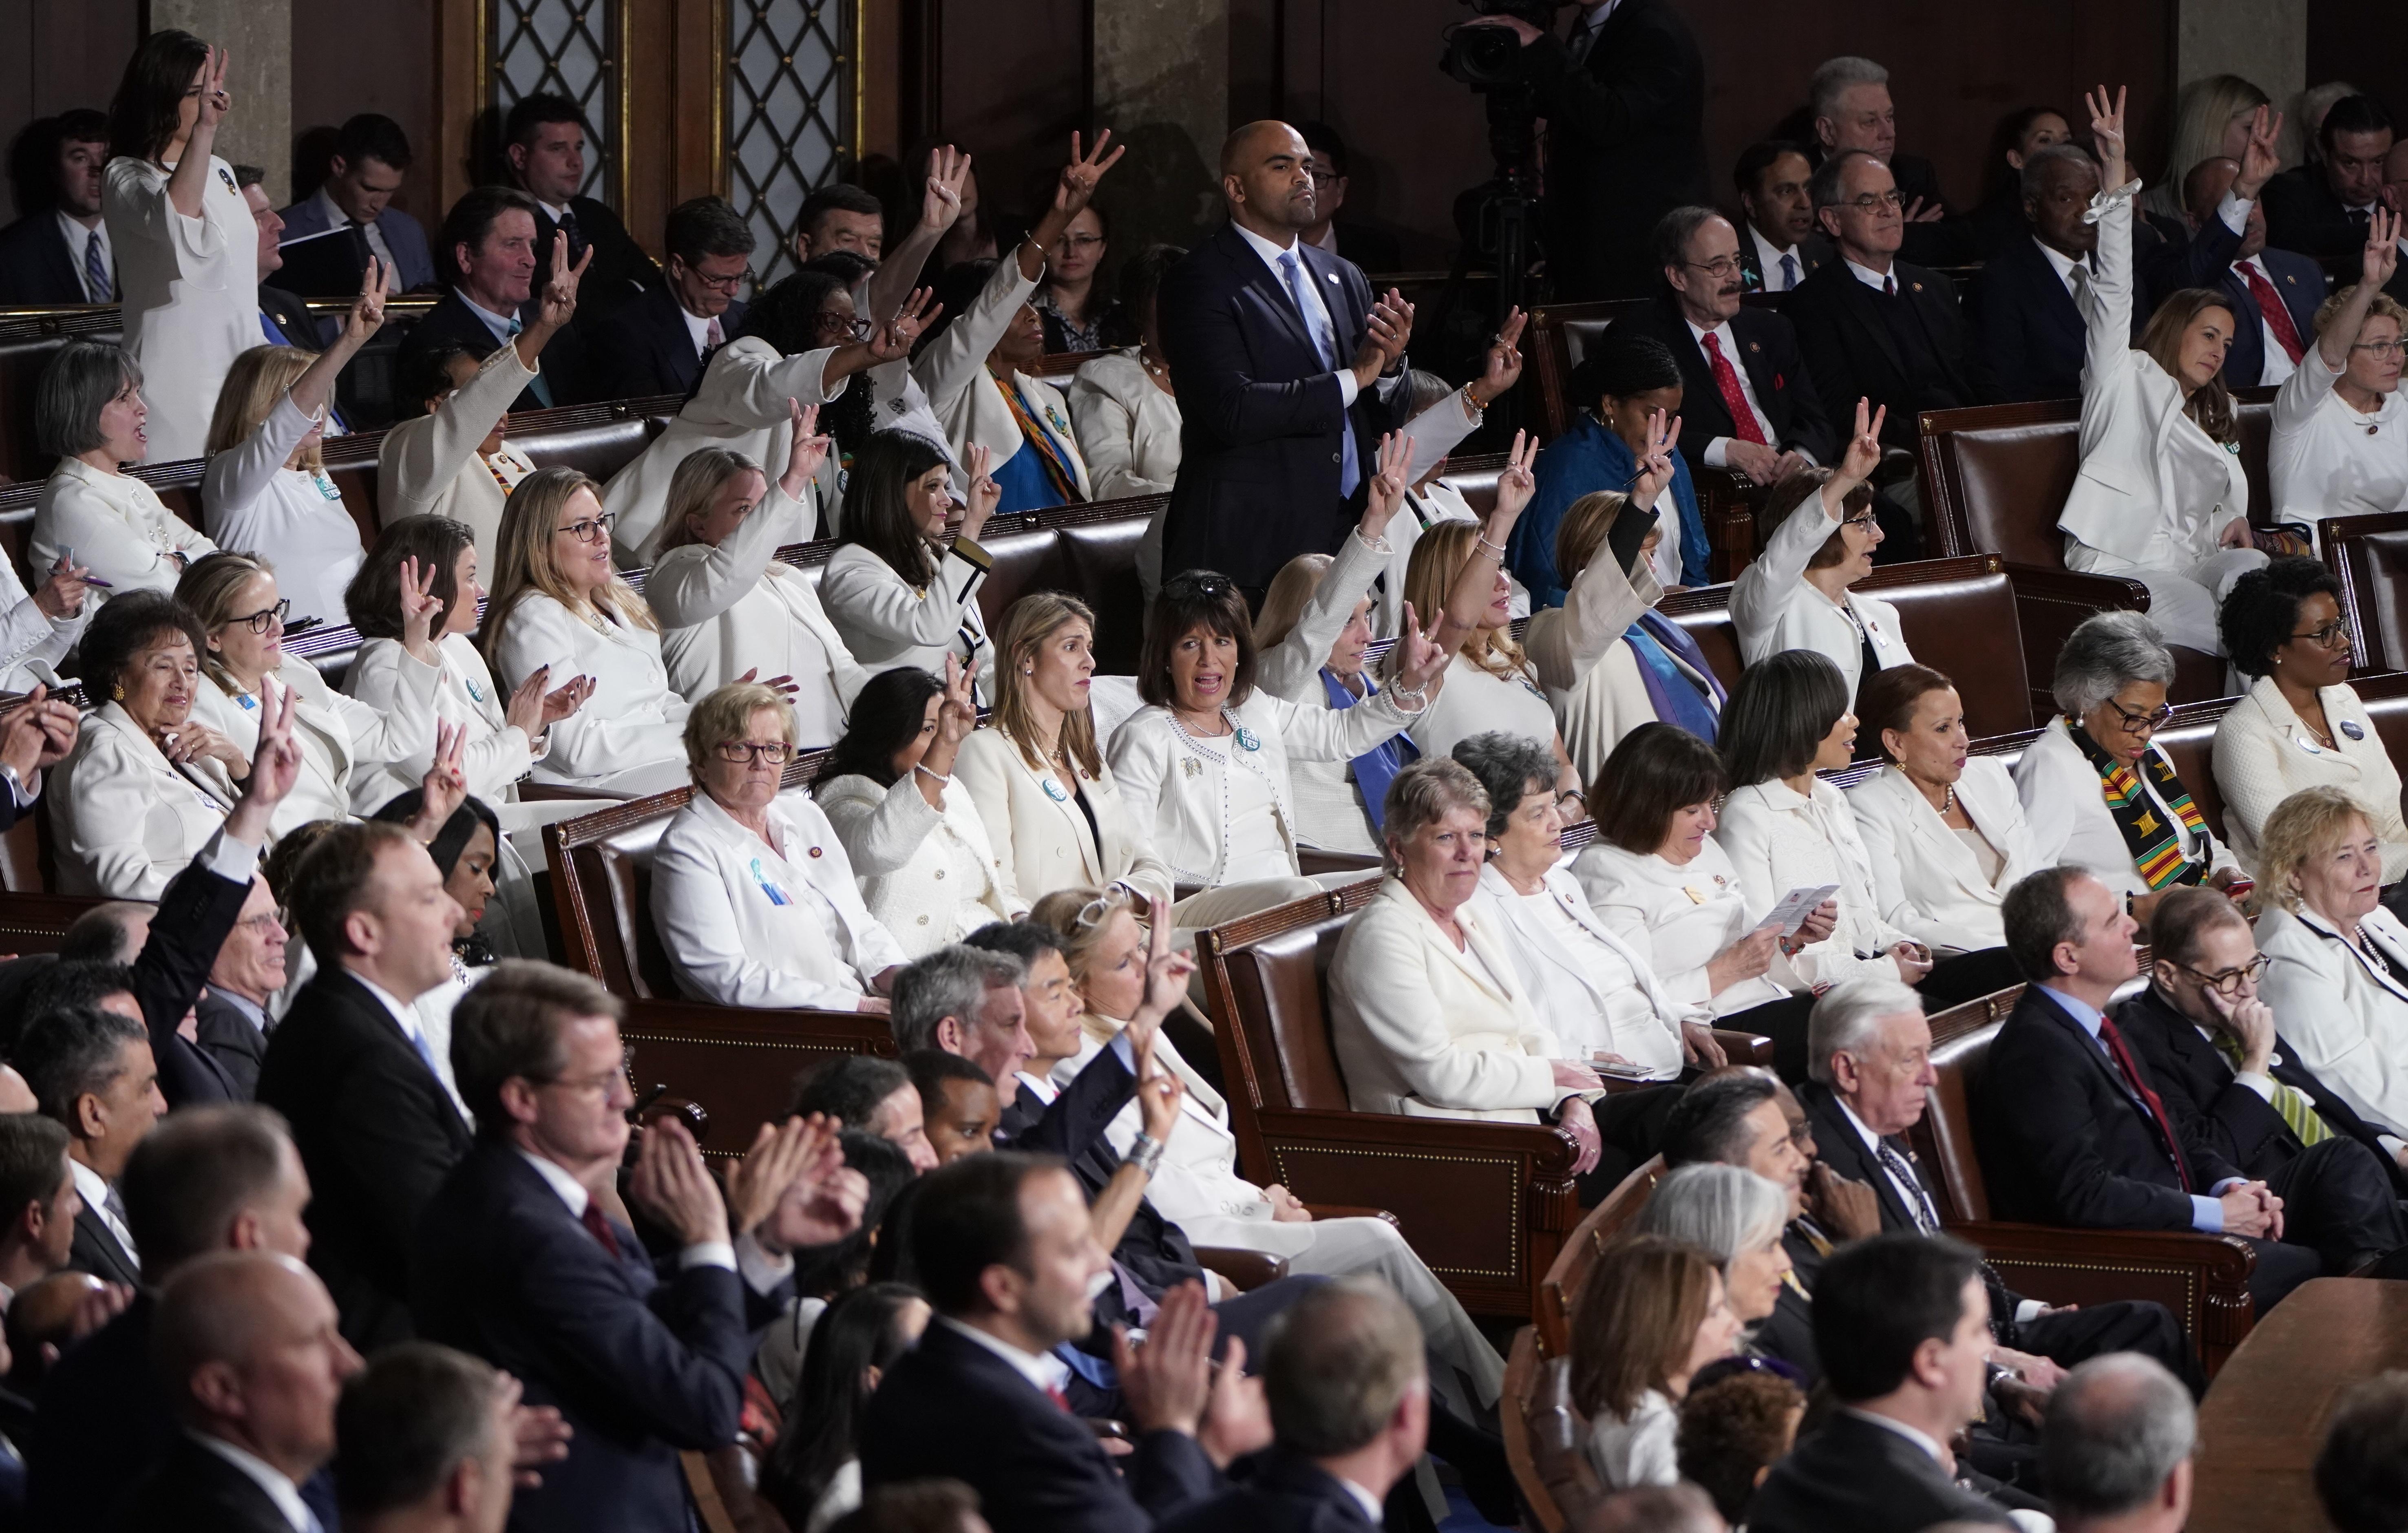 Las progresistas eligieron ir también de blanco, después de que se batiera el récord de mujeres elegidas para la Cámara de Representantes en unos comicios legislativos. REUTERS/Joshua Roberts